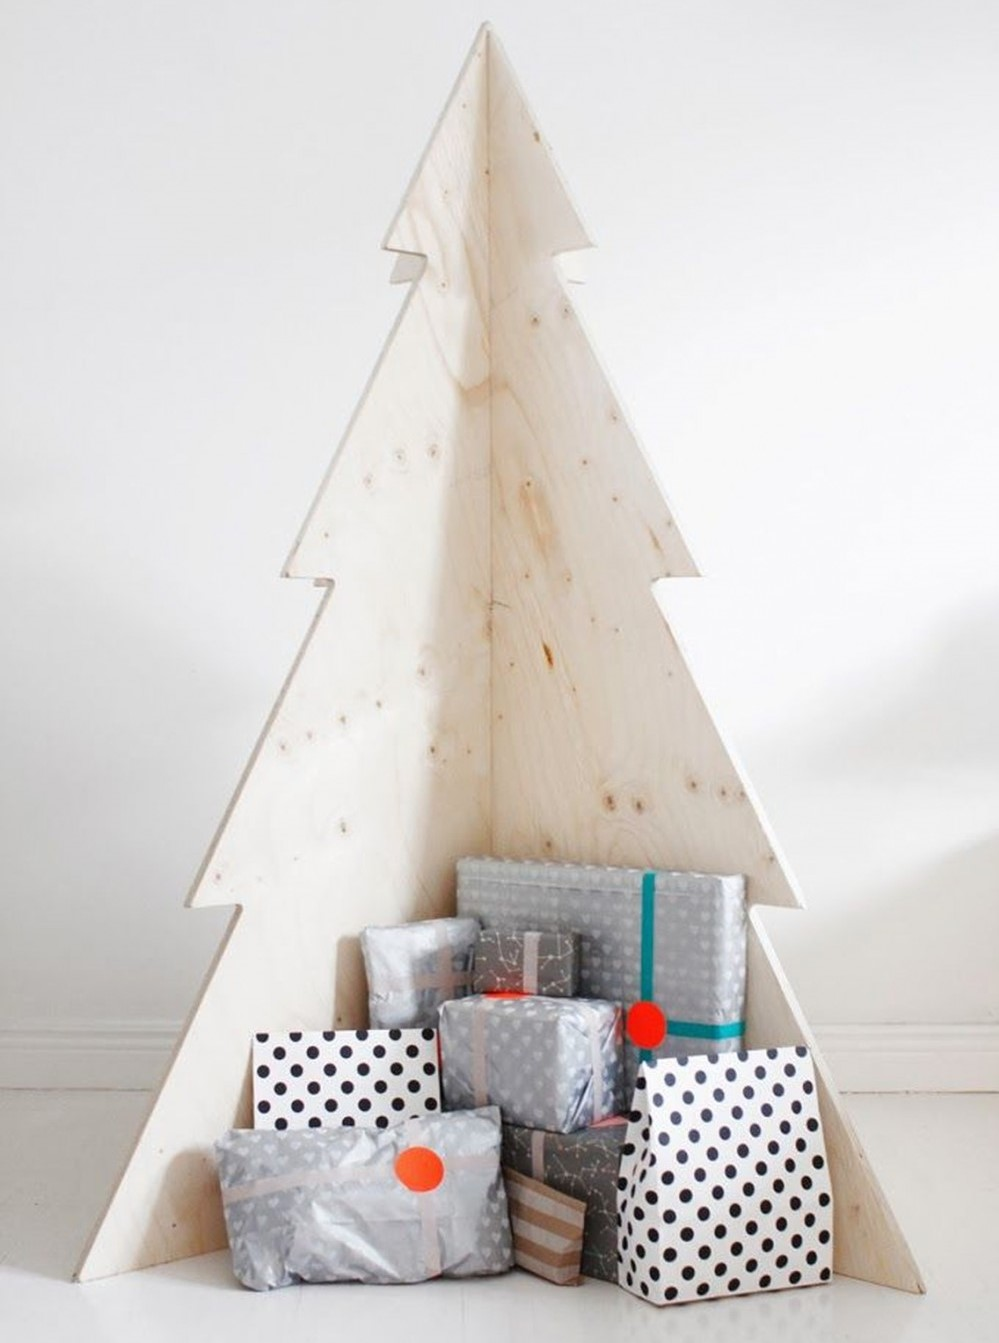 árboles de Navidad originales con madera